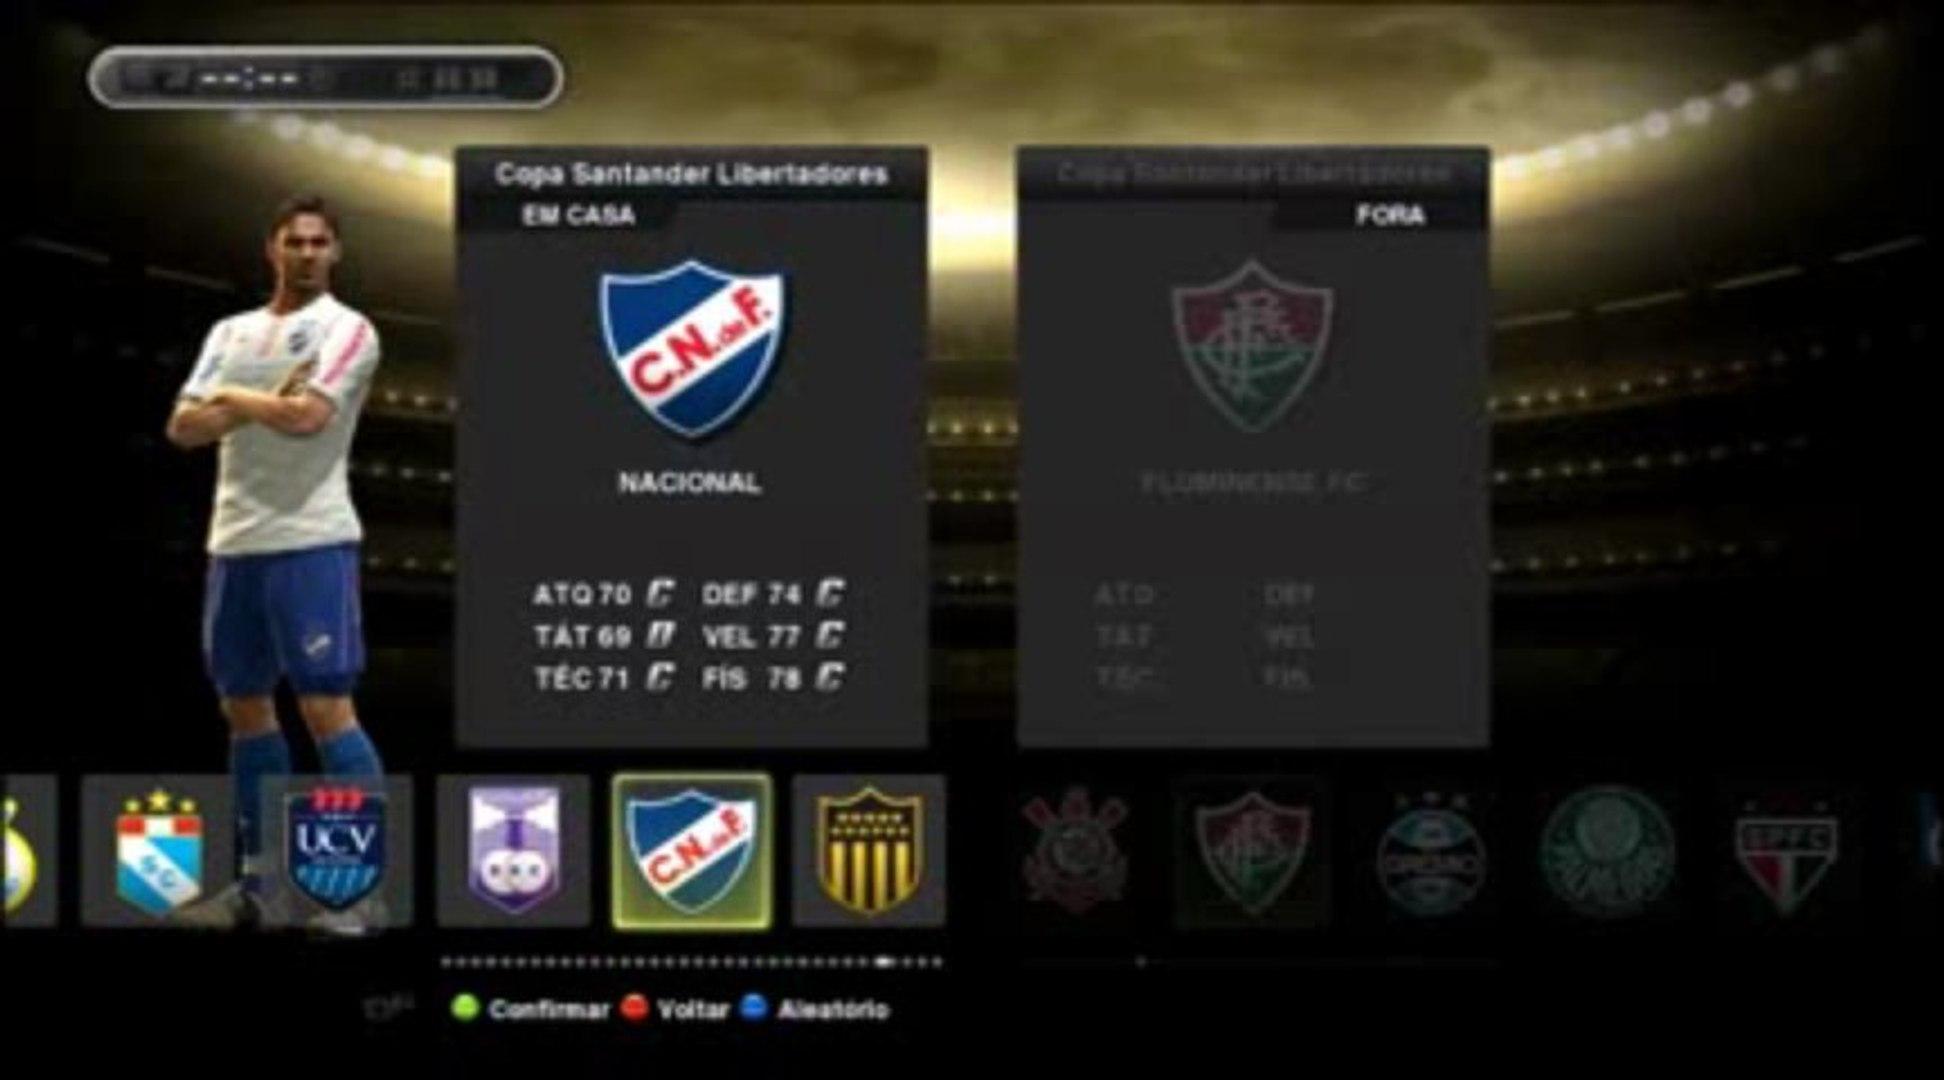 Libertadores 2013 !!!! - DLC 5.0 + Patch 1.04 para PES 2013 + Notícia sobre PES 2014 may 2013 Workin